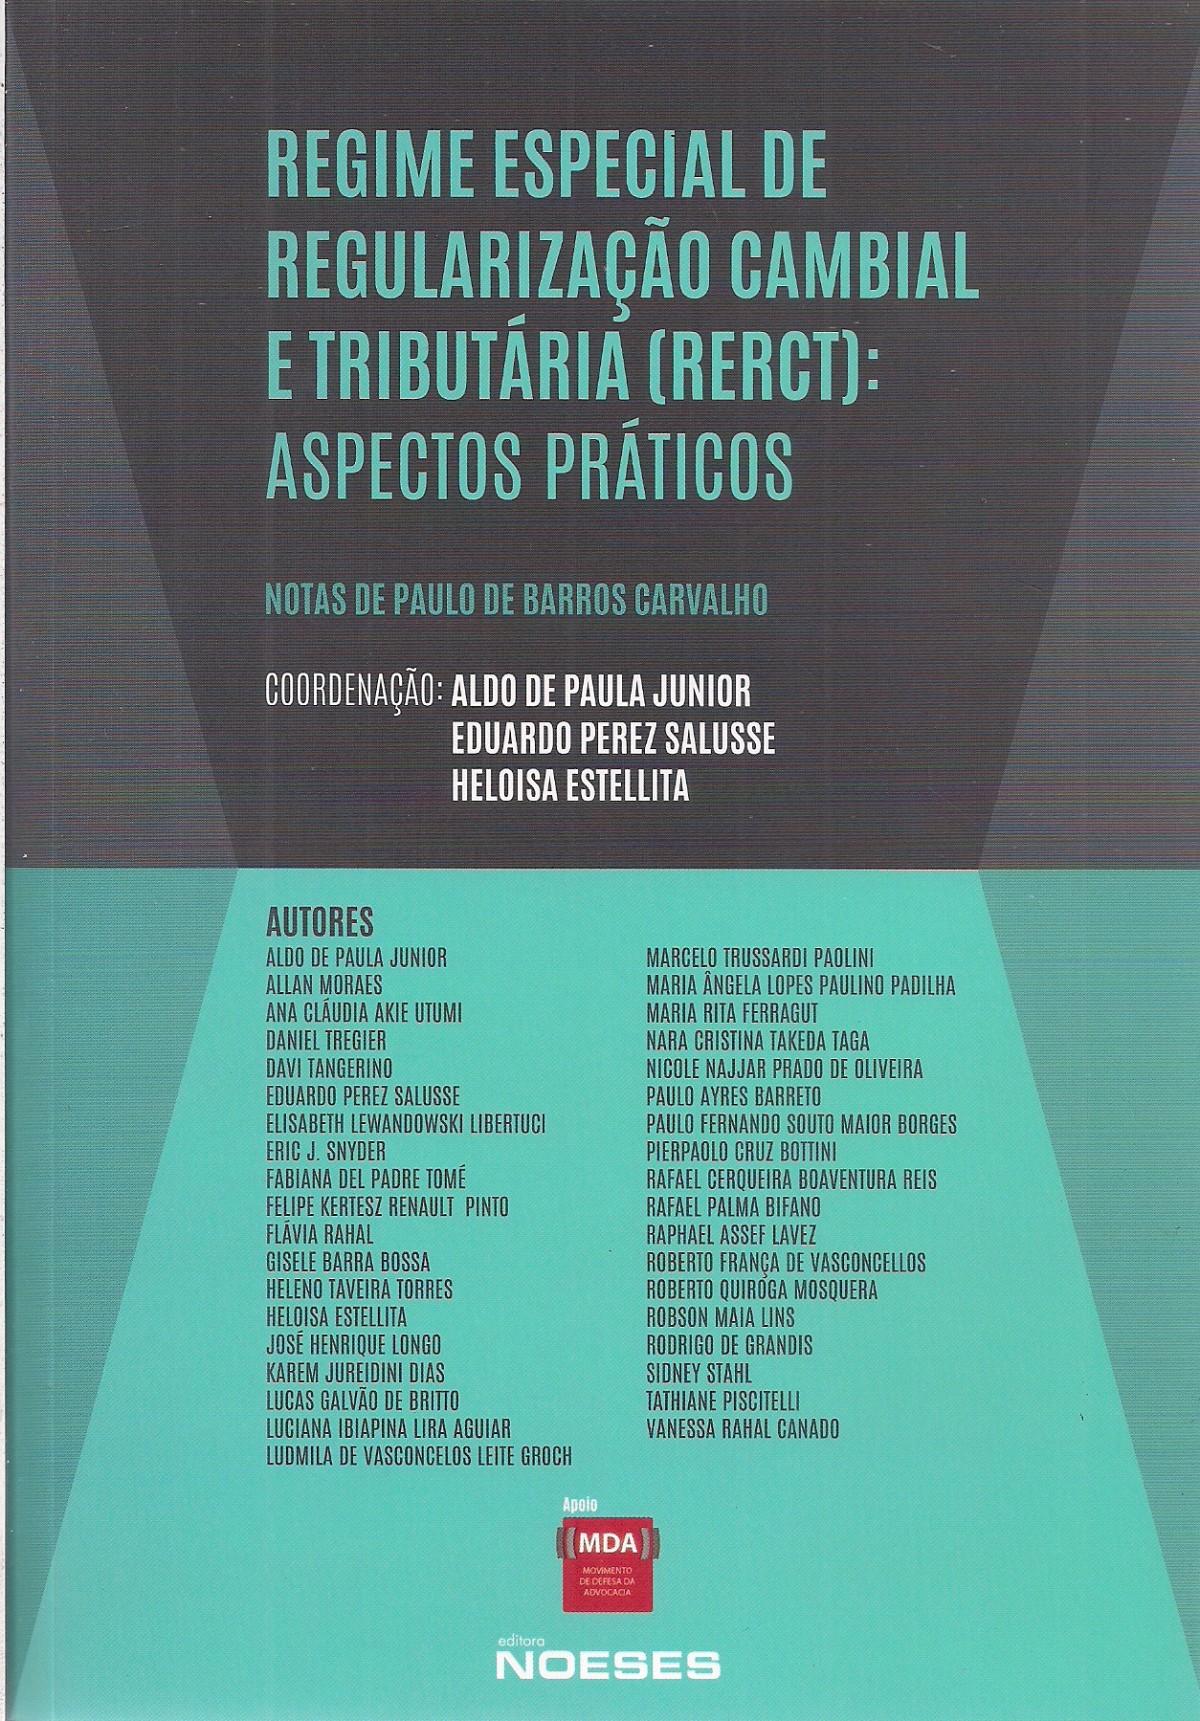 Foto 1 - Regime Especial de Regularização Cambial e Tributaria: Aspectos Práticos